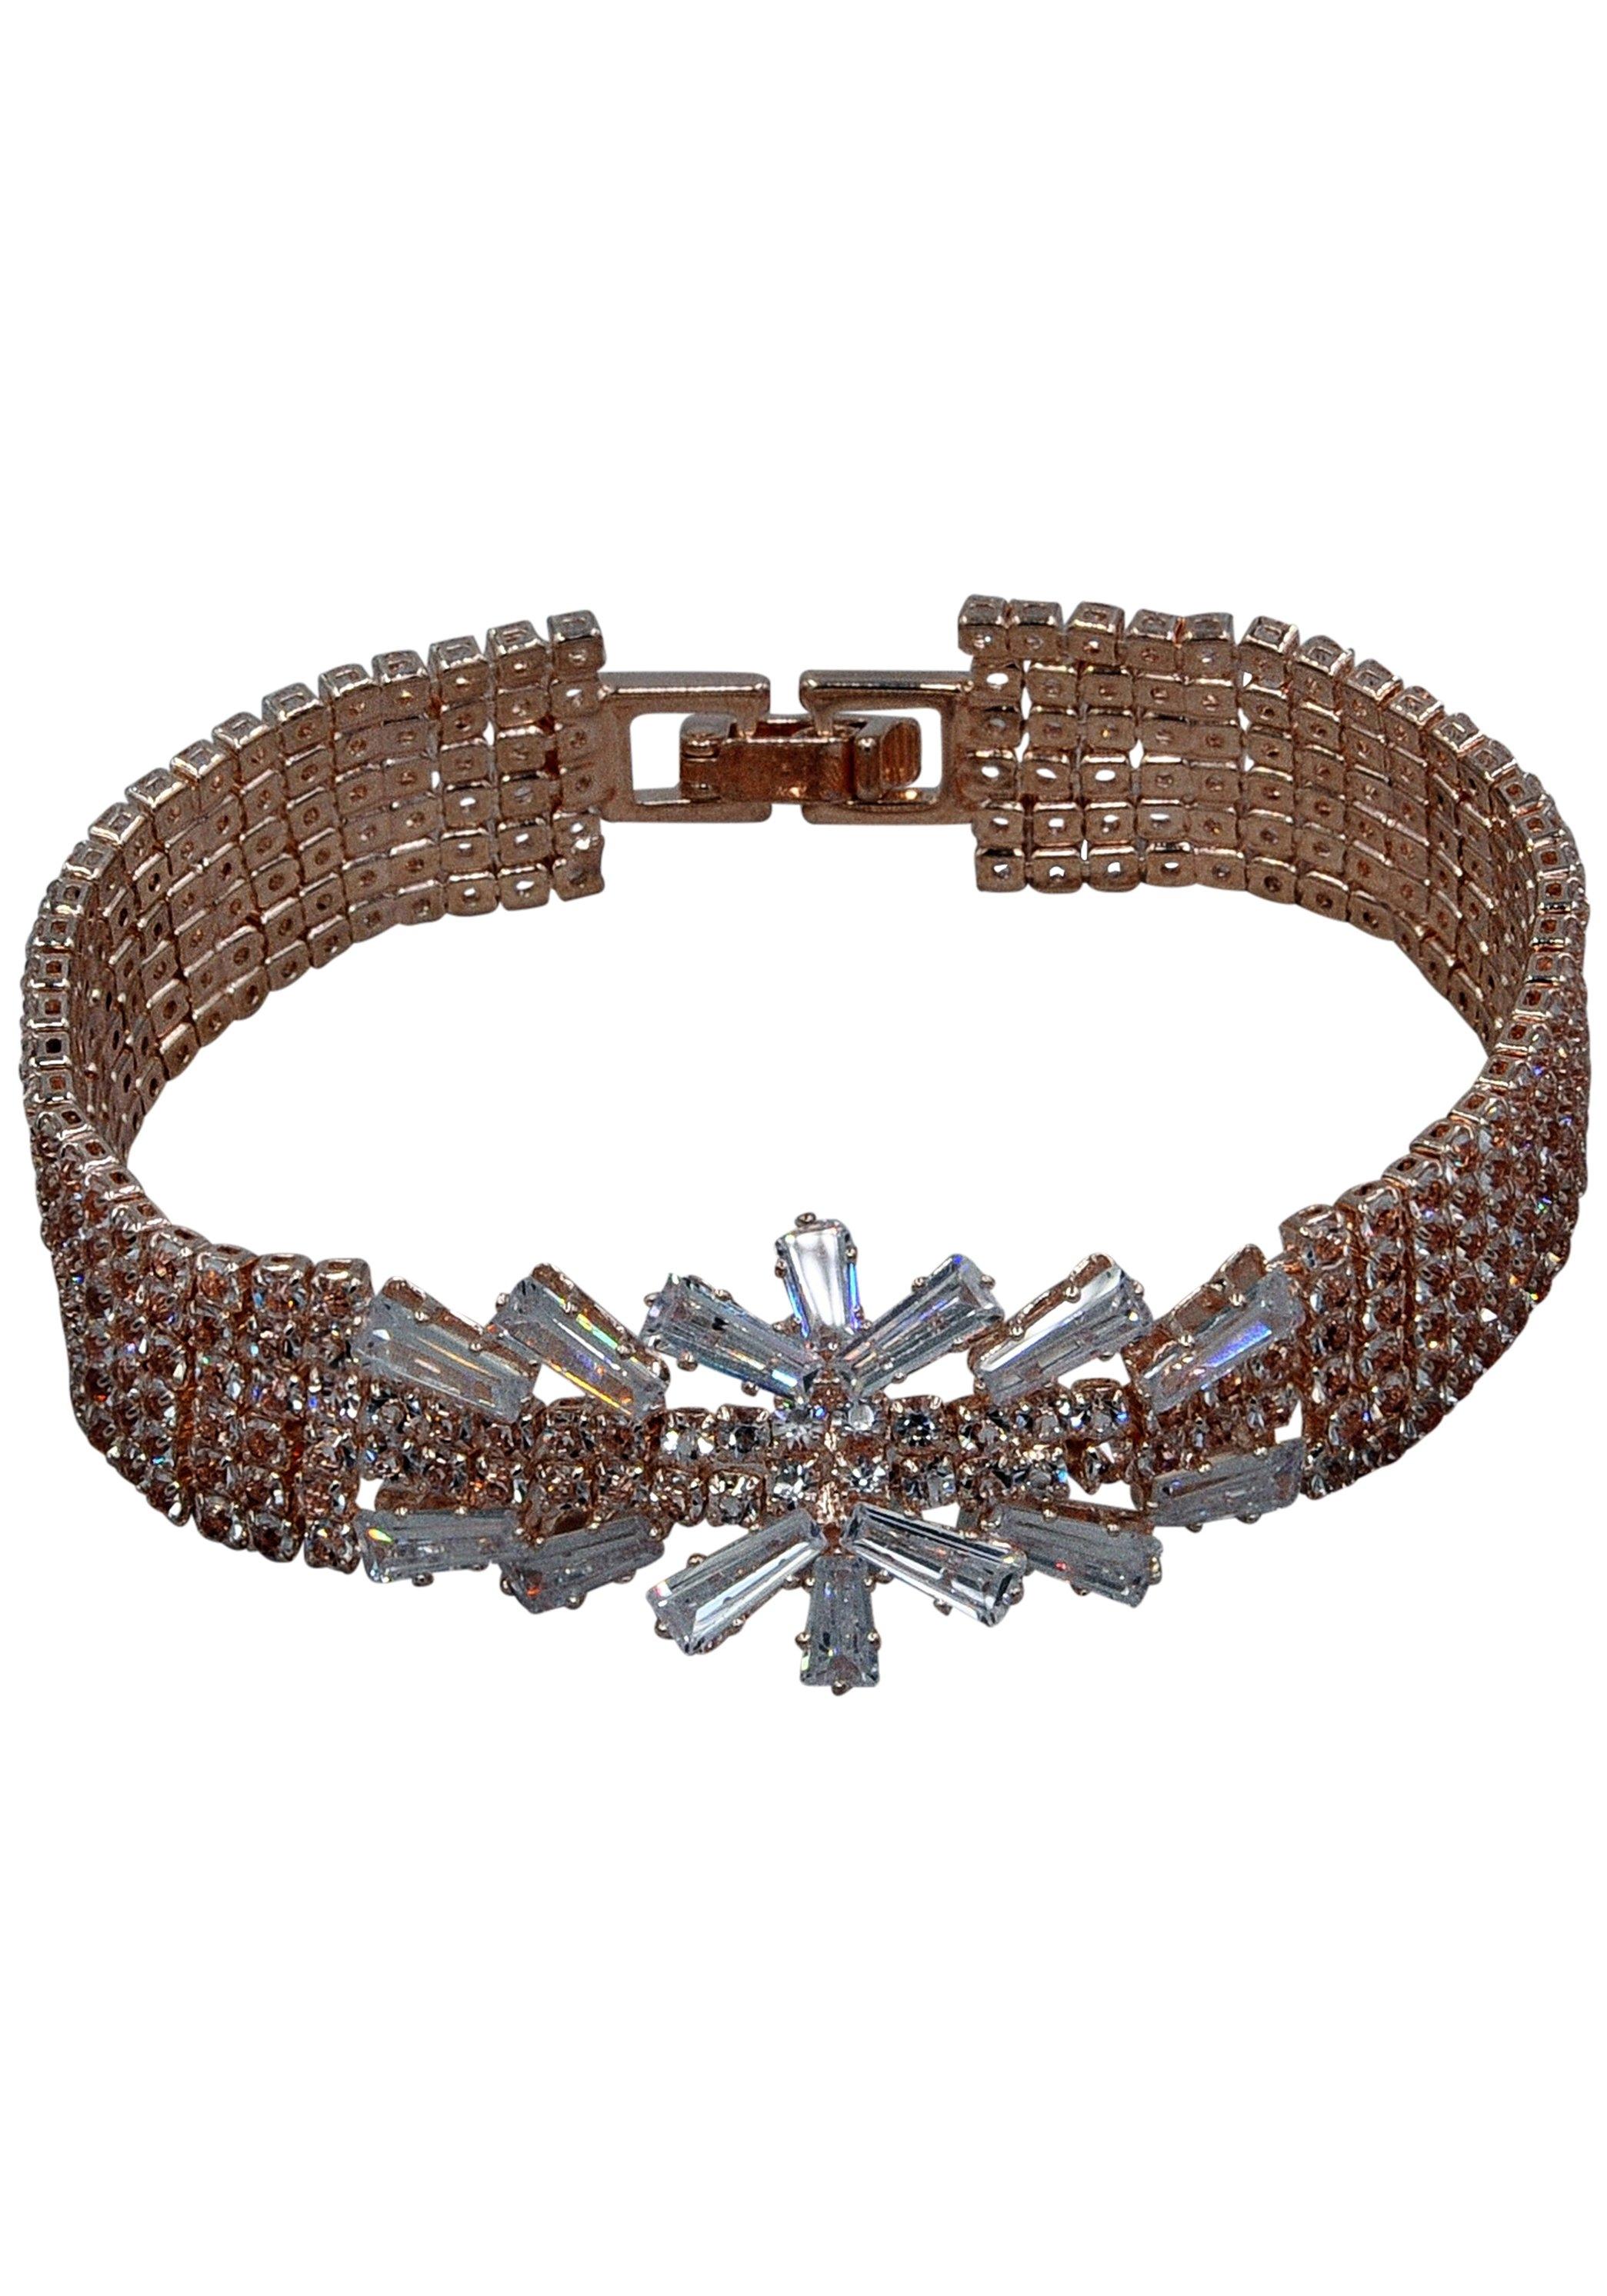 J.Jayz armband In glamour-look, meerrijig met glassteentjes goedkoop op otto.nl kopen